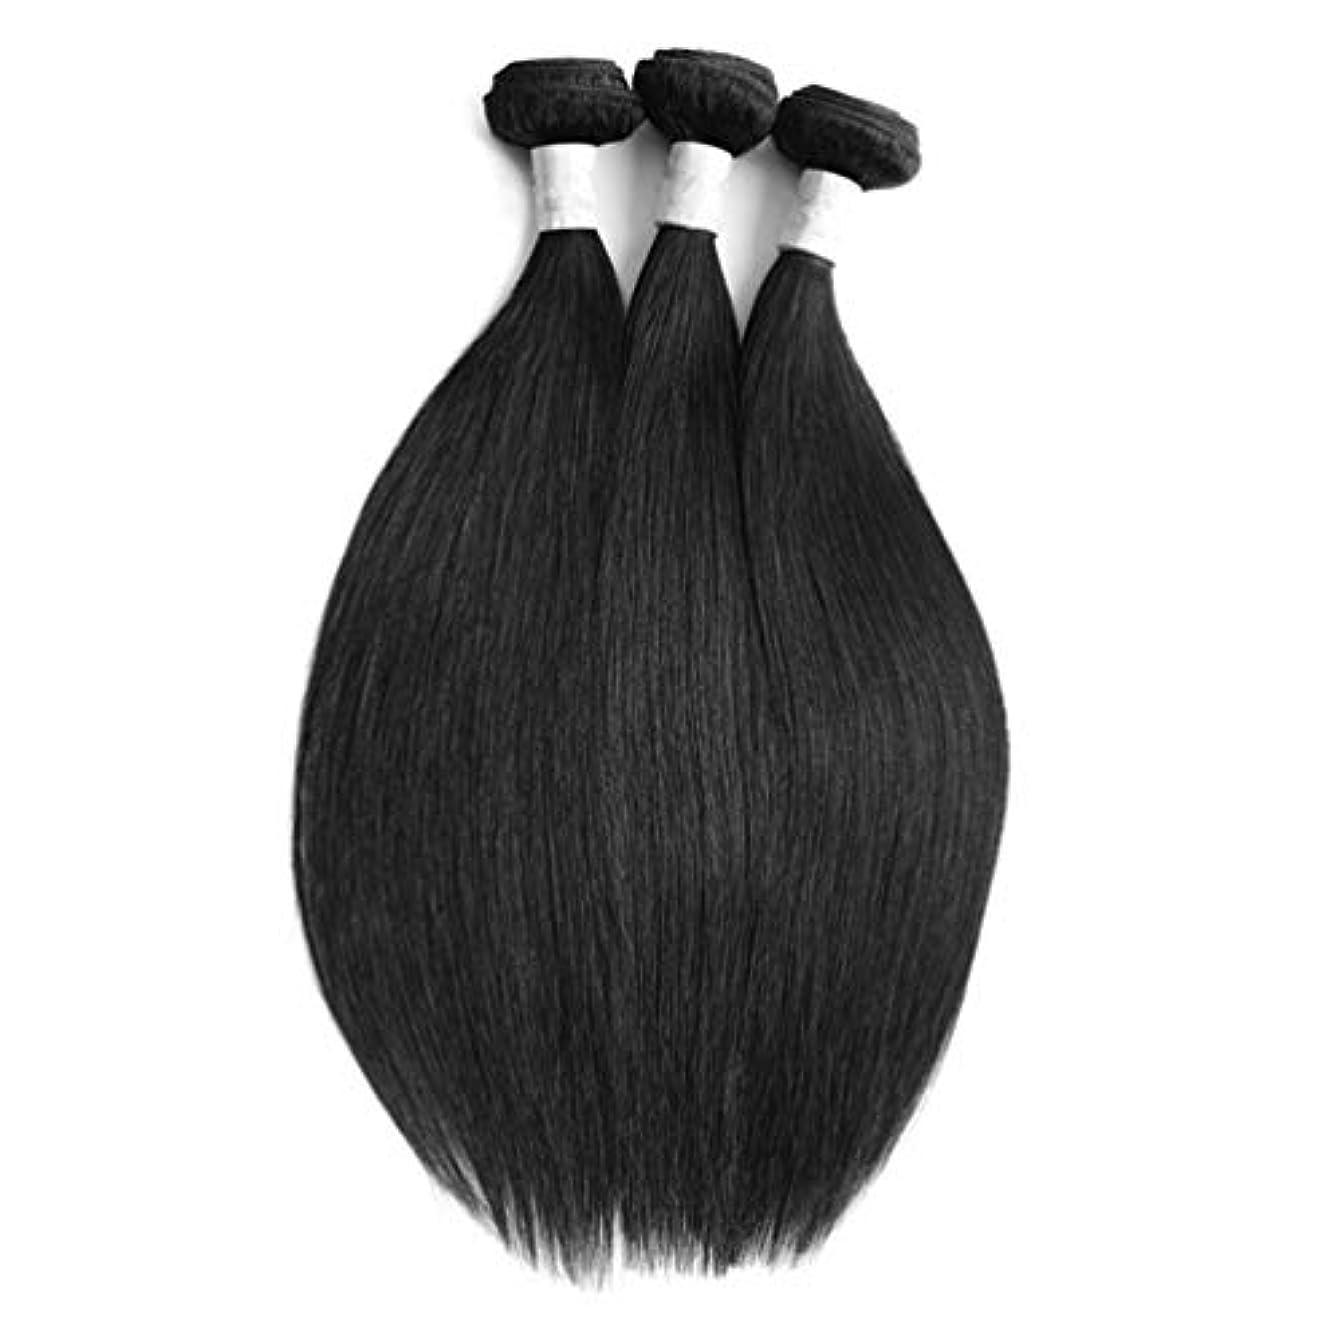 意図する地下室視線ブラジルのバージンの毛の織り方の束のまっすぐな束の人間の毛髪のよこ糸8Aの未処理のバージンの人間の毛髪延長